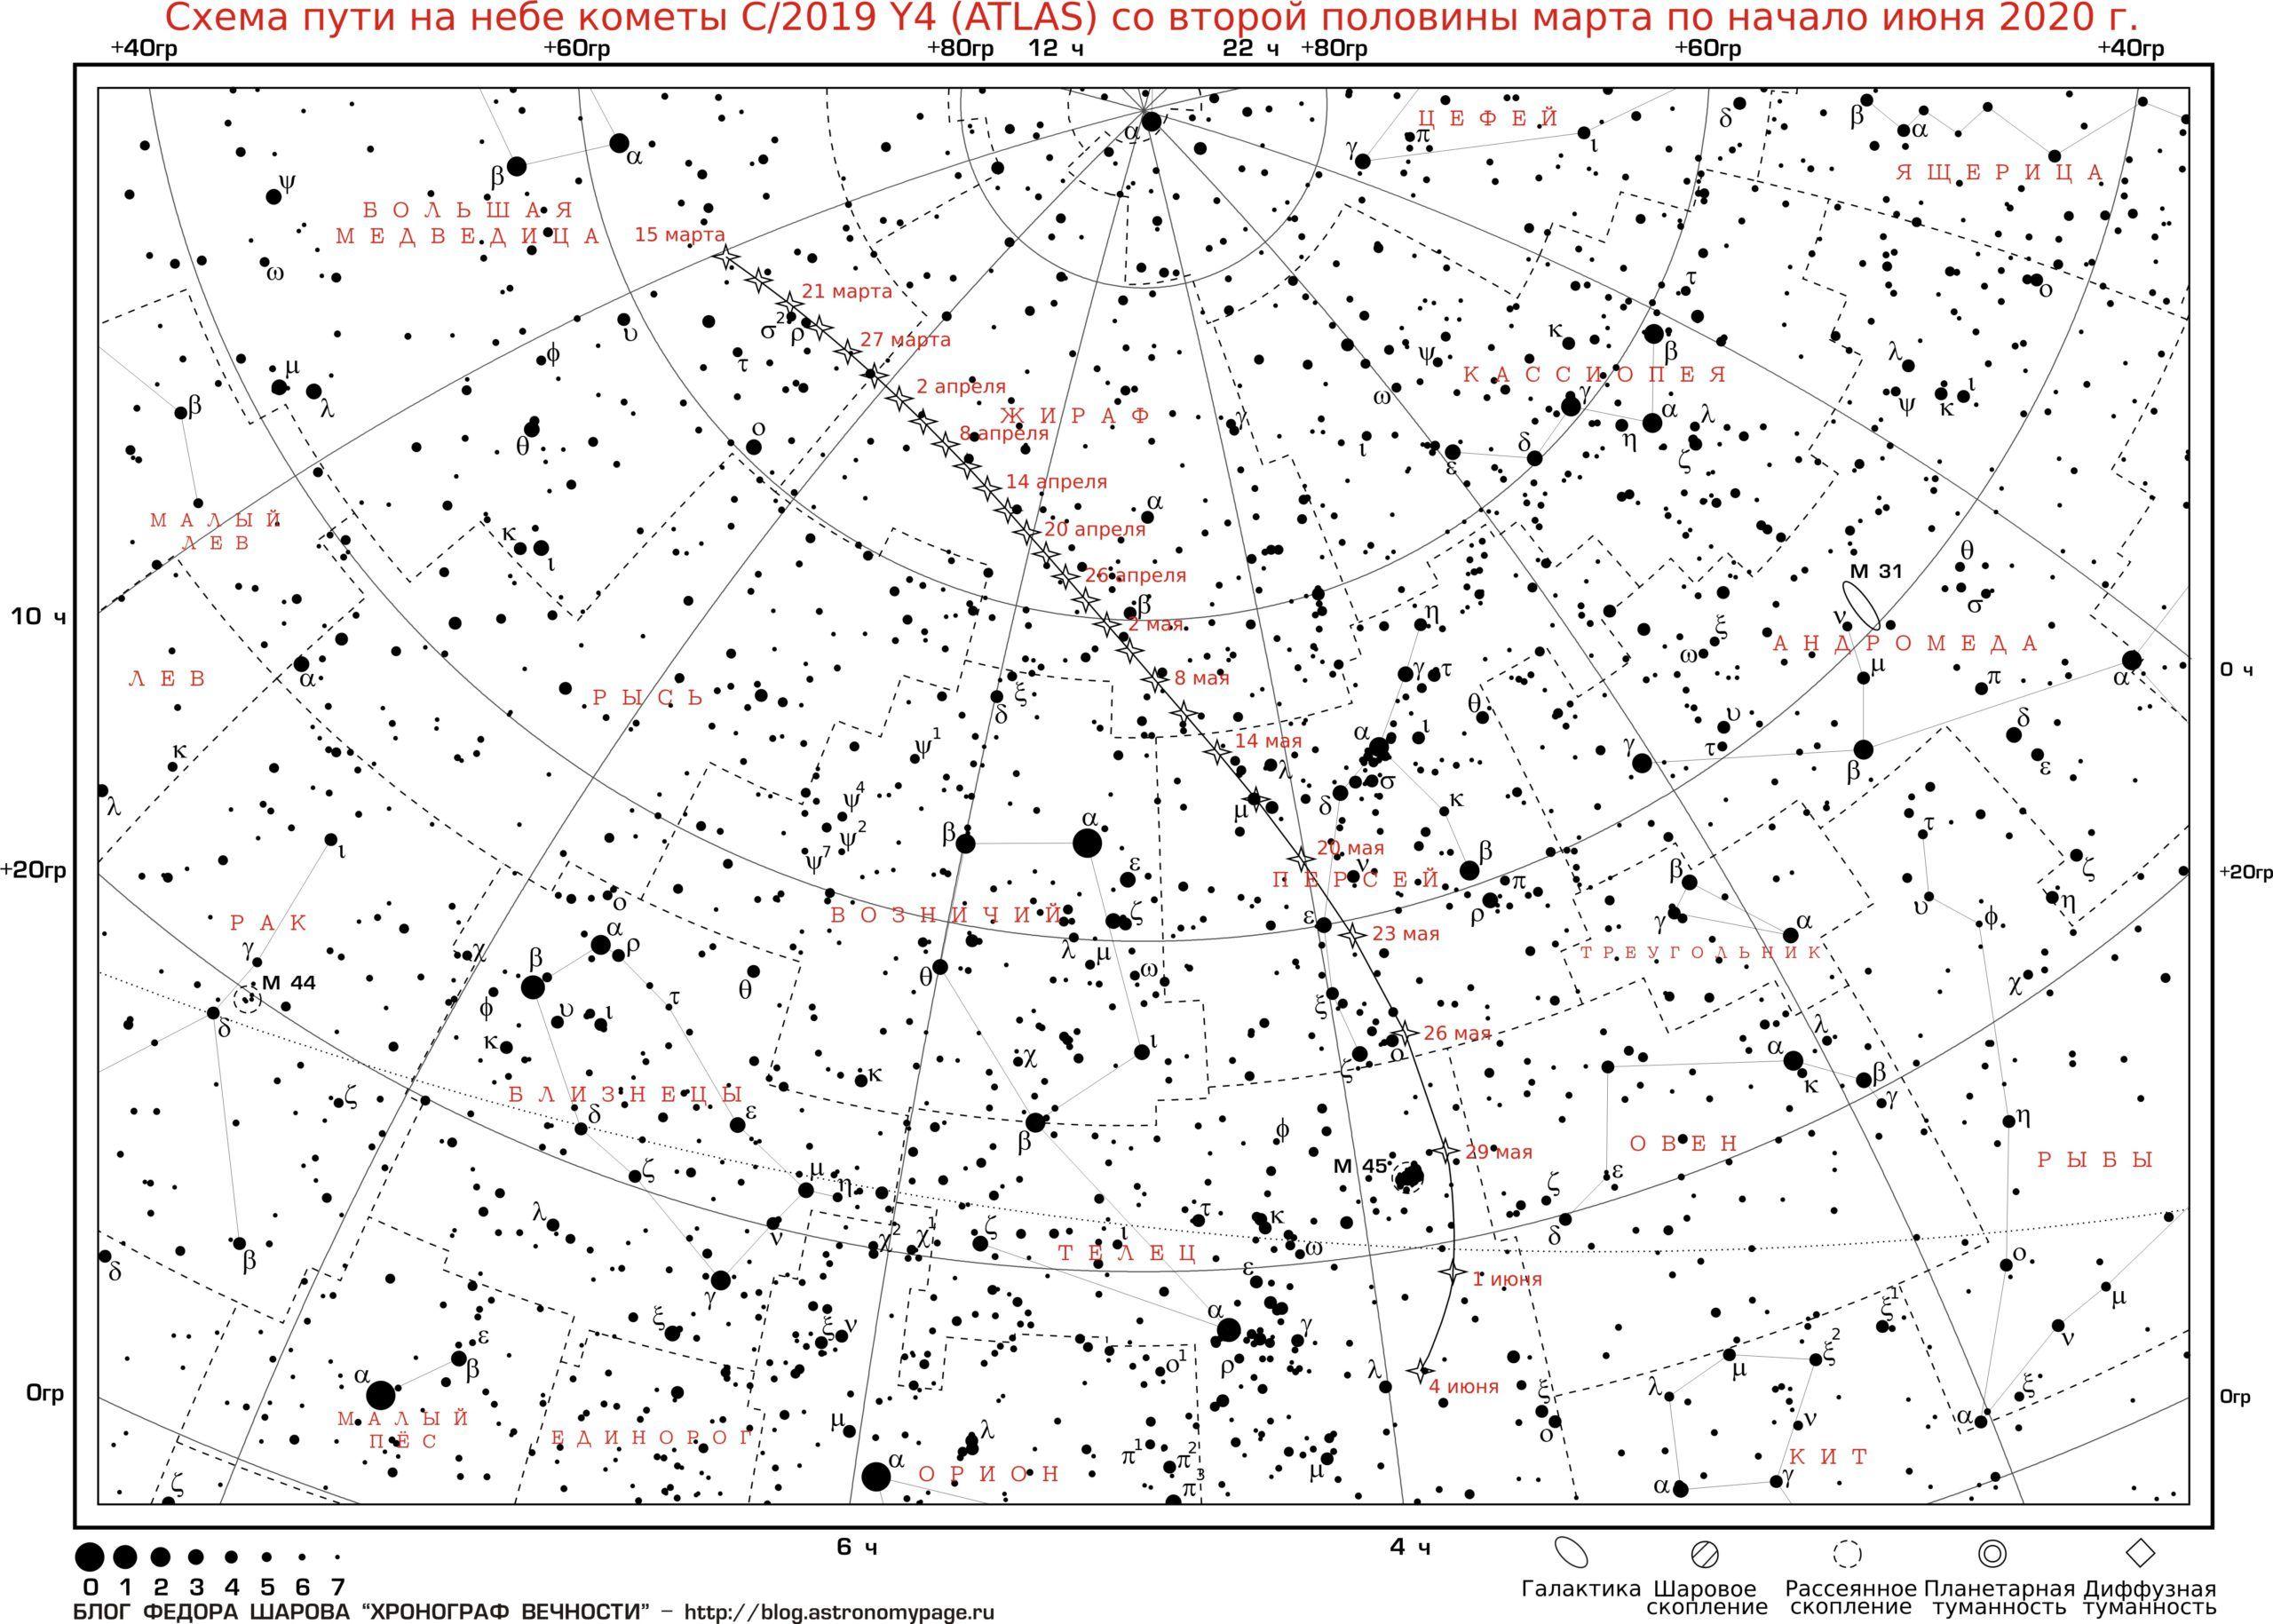 Путь кометы C/2019 Y4 (Atlas)в апреле-мае 2020 года.